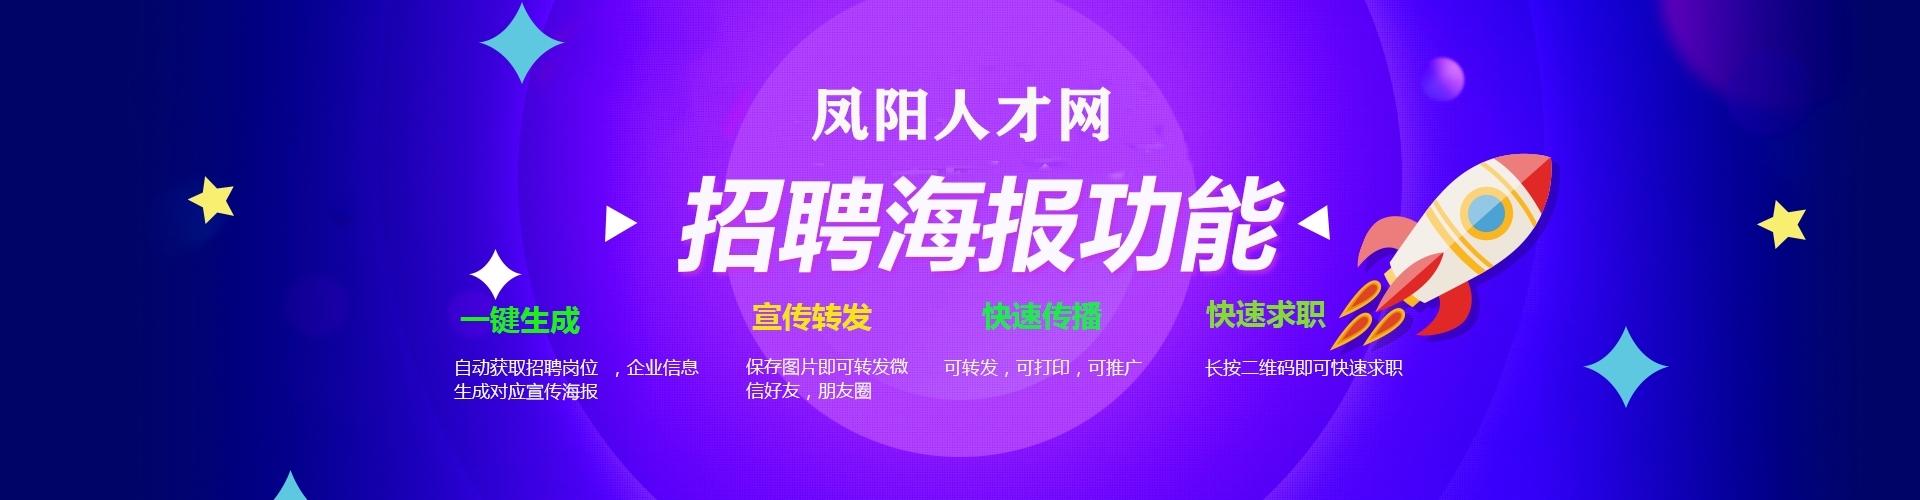 安徽省县域风险